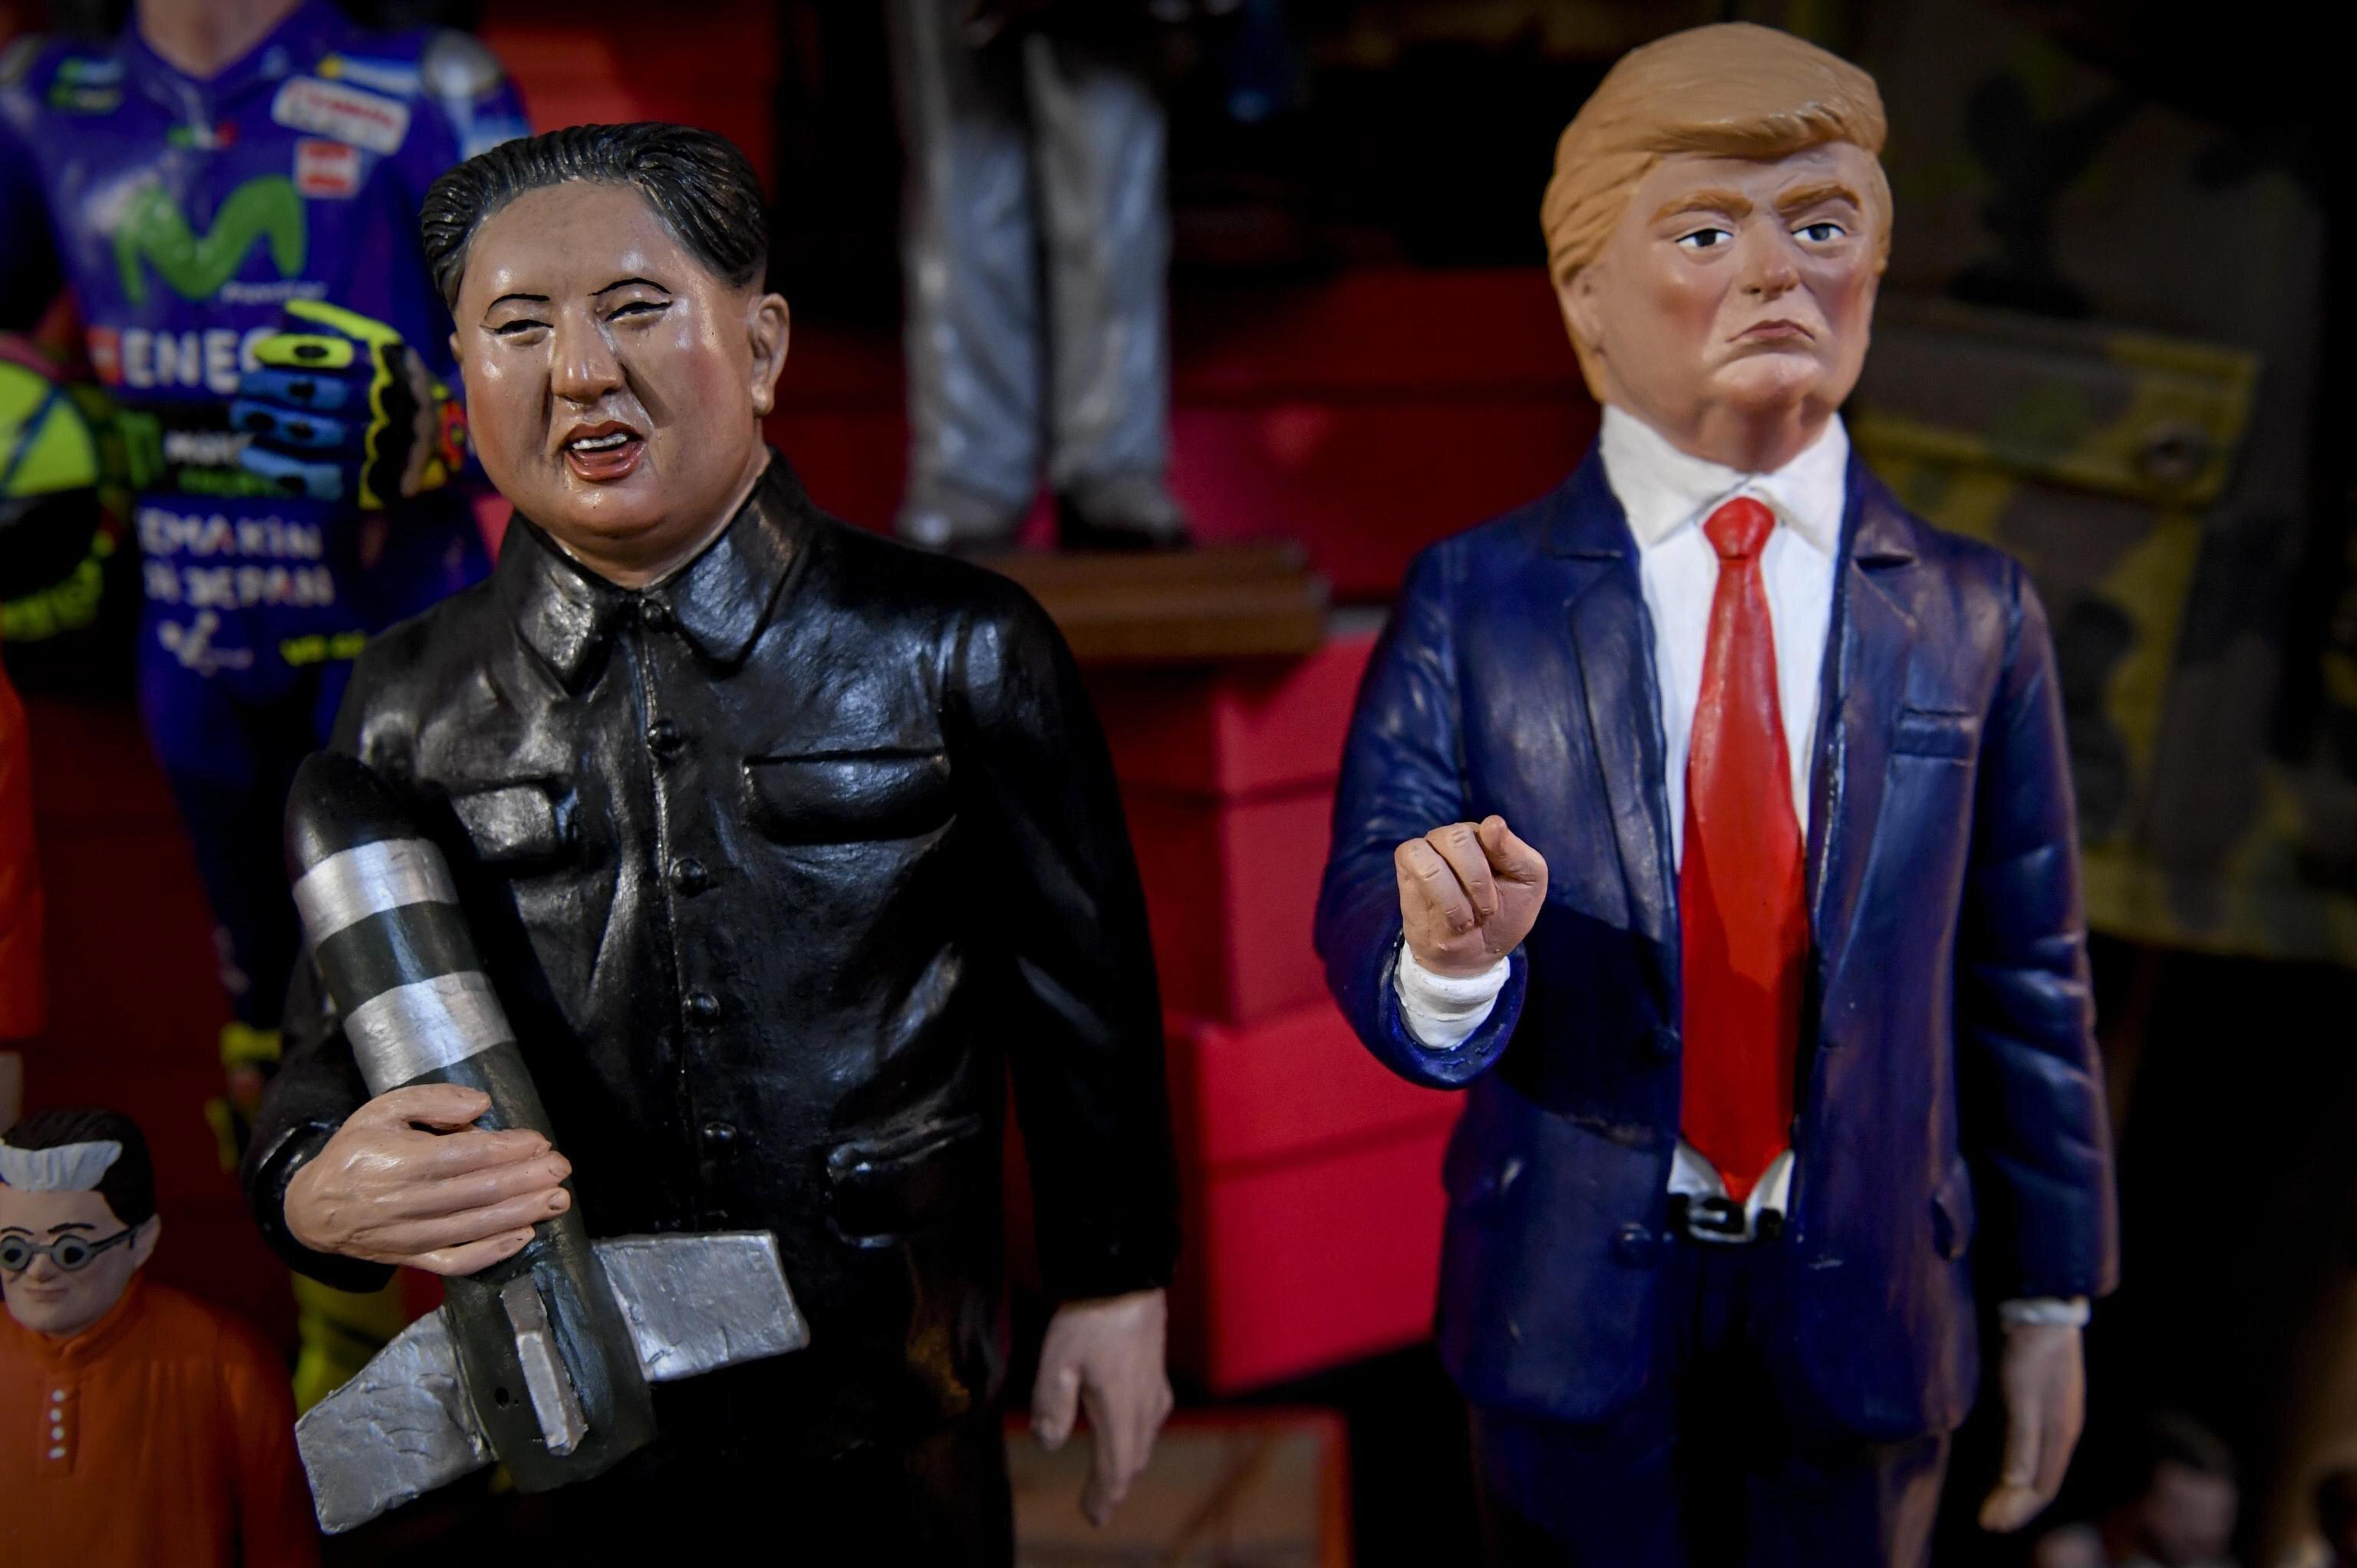 北朝鮮の金正恩朝鮮労働党委員長とアメリカのトランプ大統領の人形